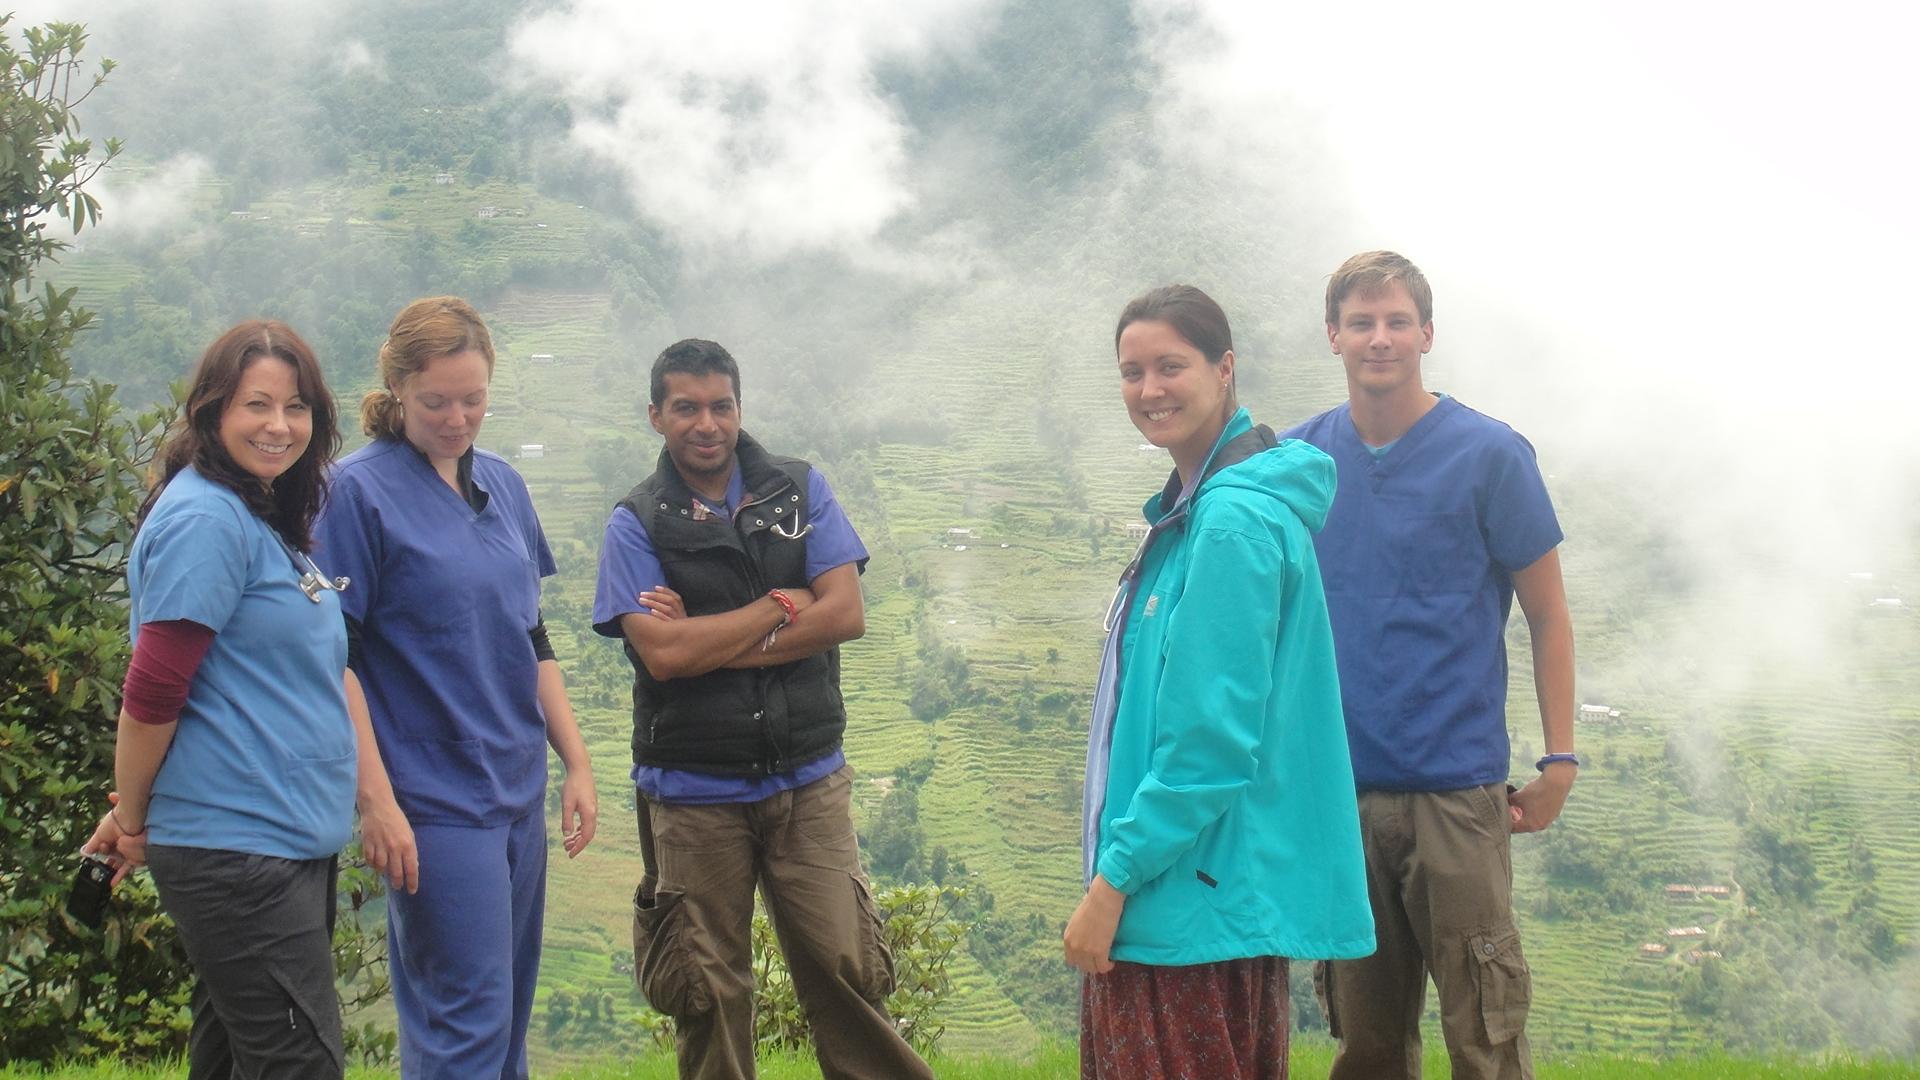 Medical_Volunteering_Free_Camp_Adventure_Alternative_Nepal.JPG